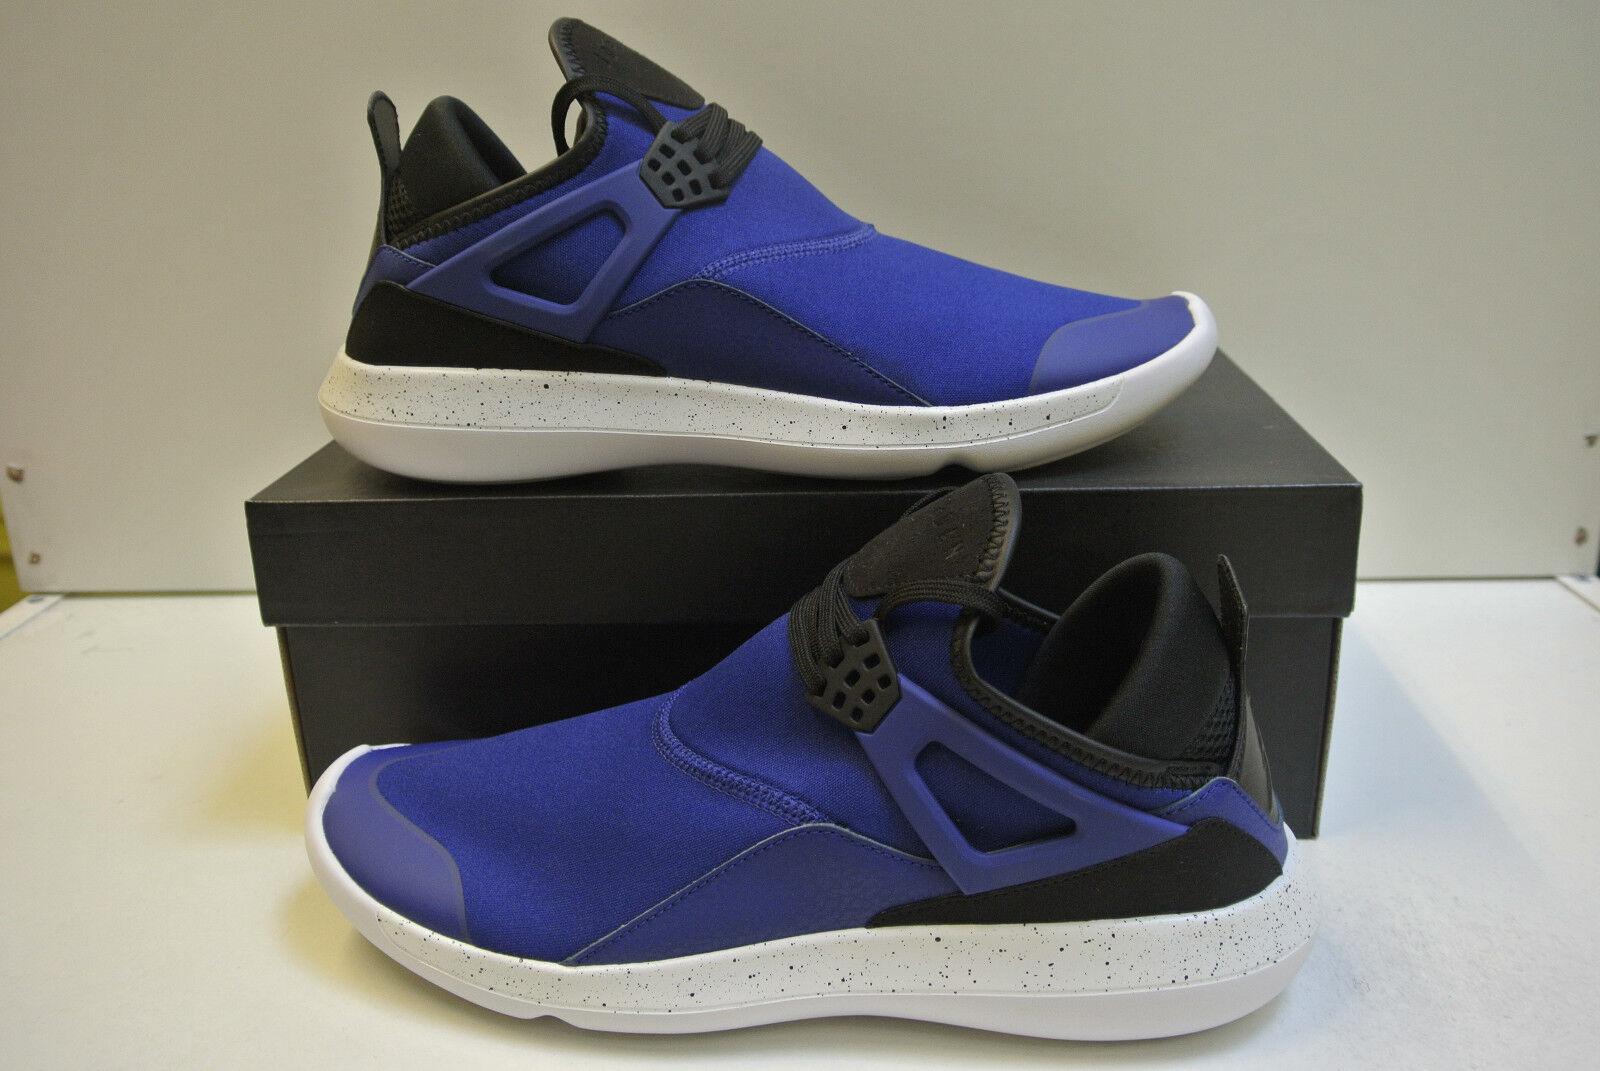 Nike Air Jordan Fly 89  Gr. Wählbar Neu & OVP 940267 402